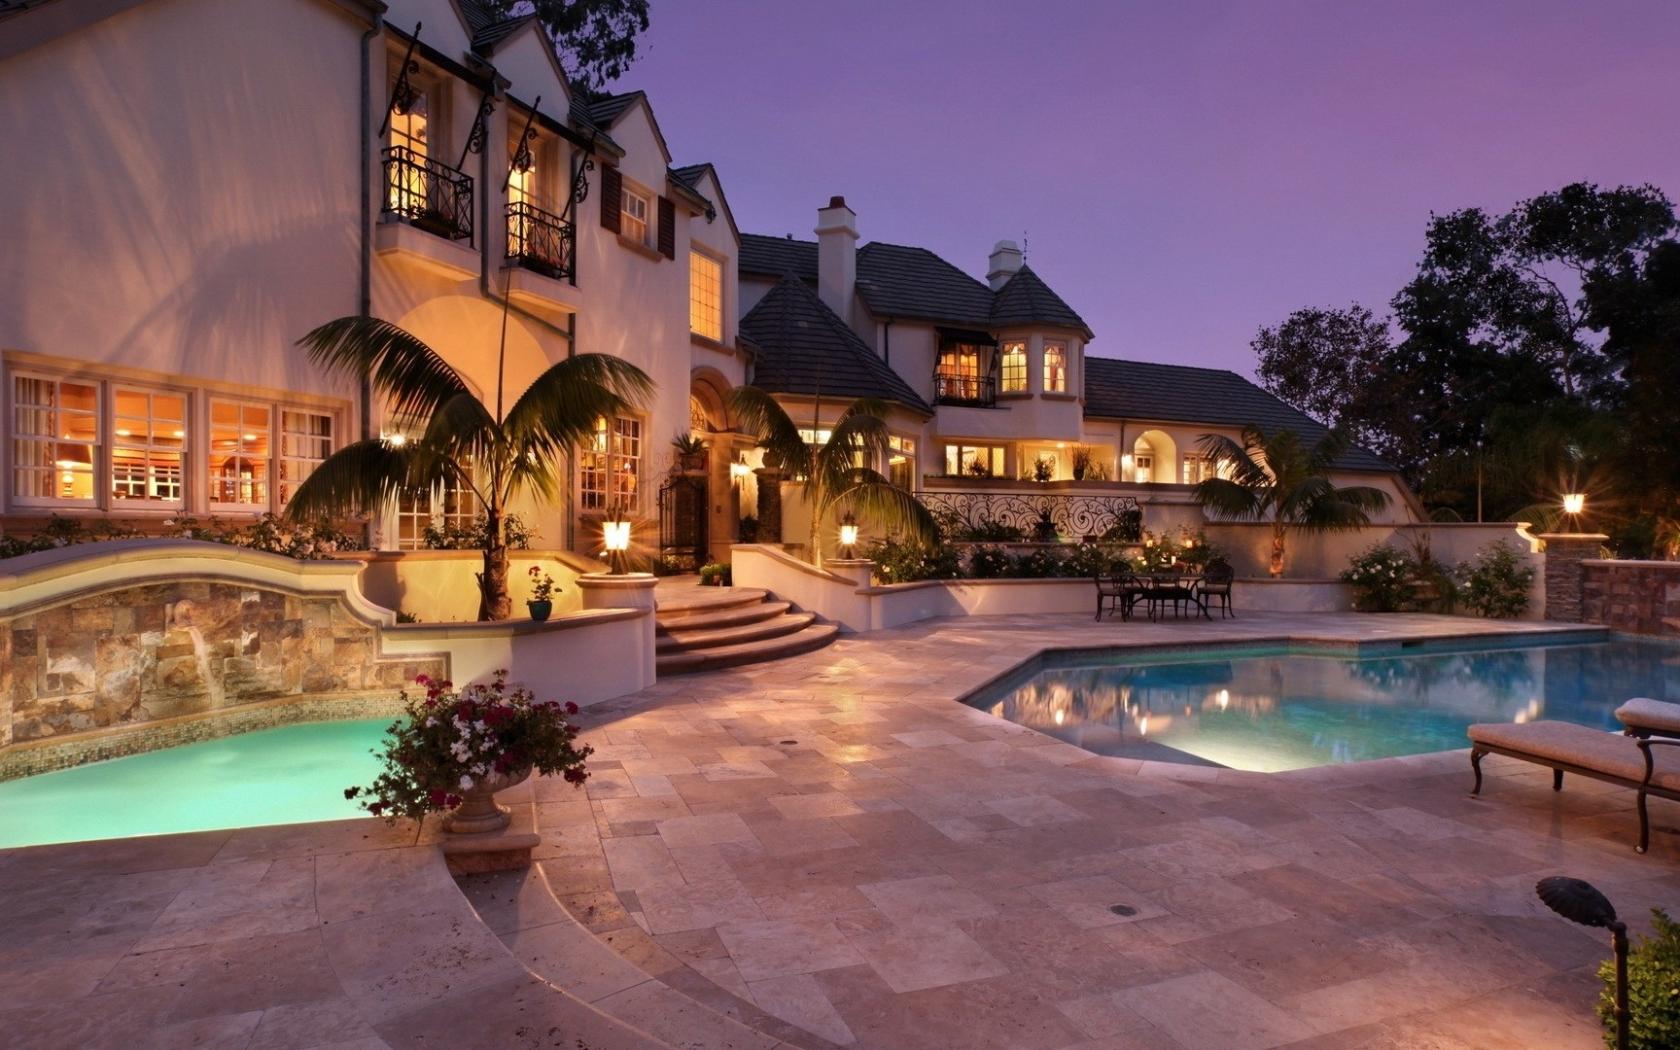 Casas con piscinas - 1680x1050